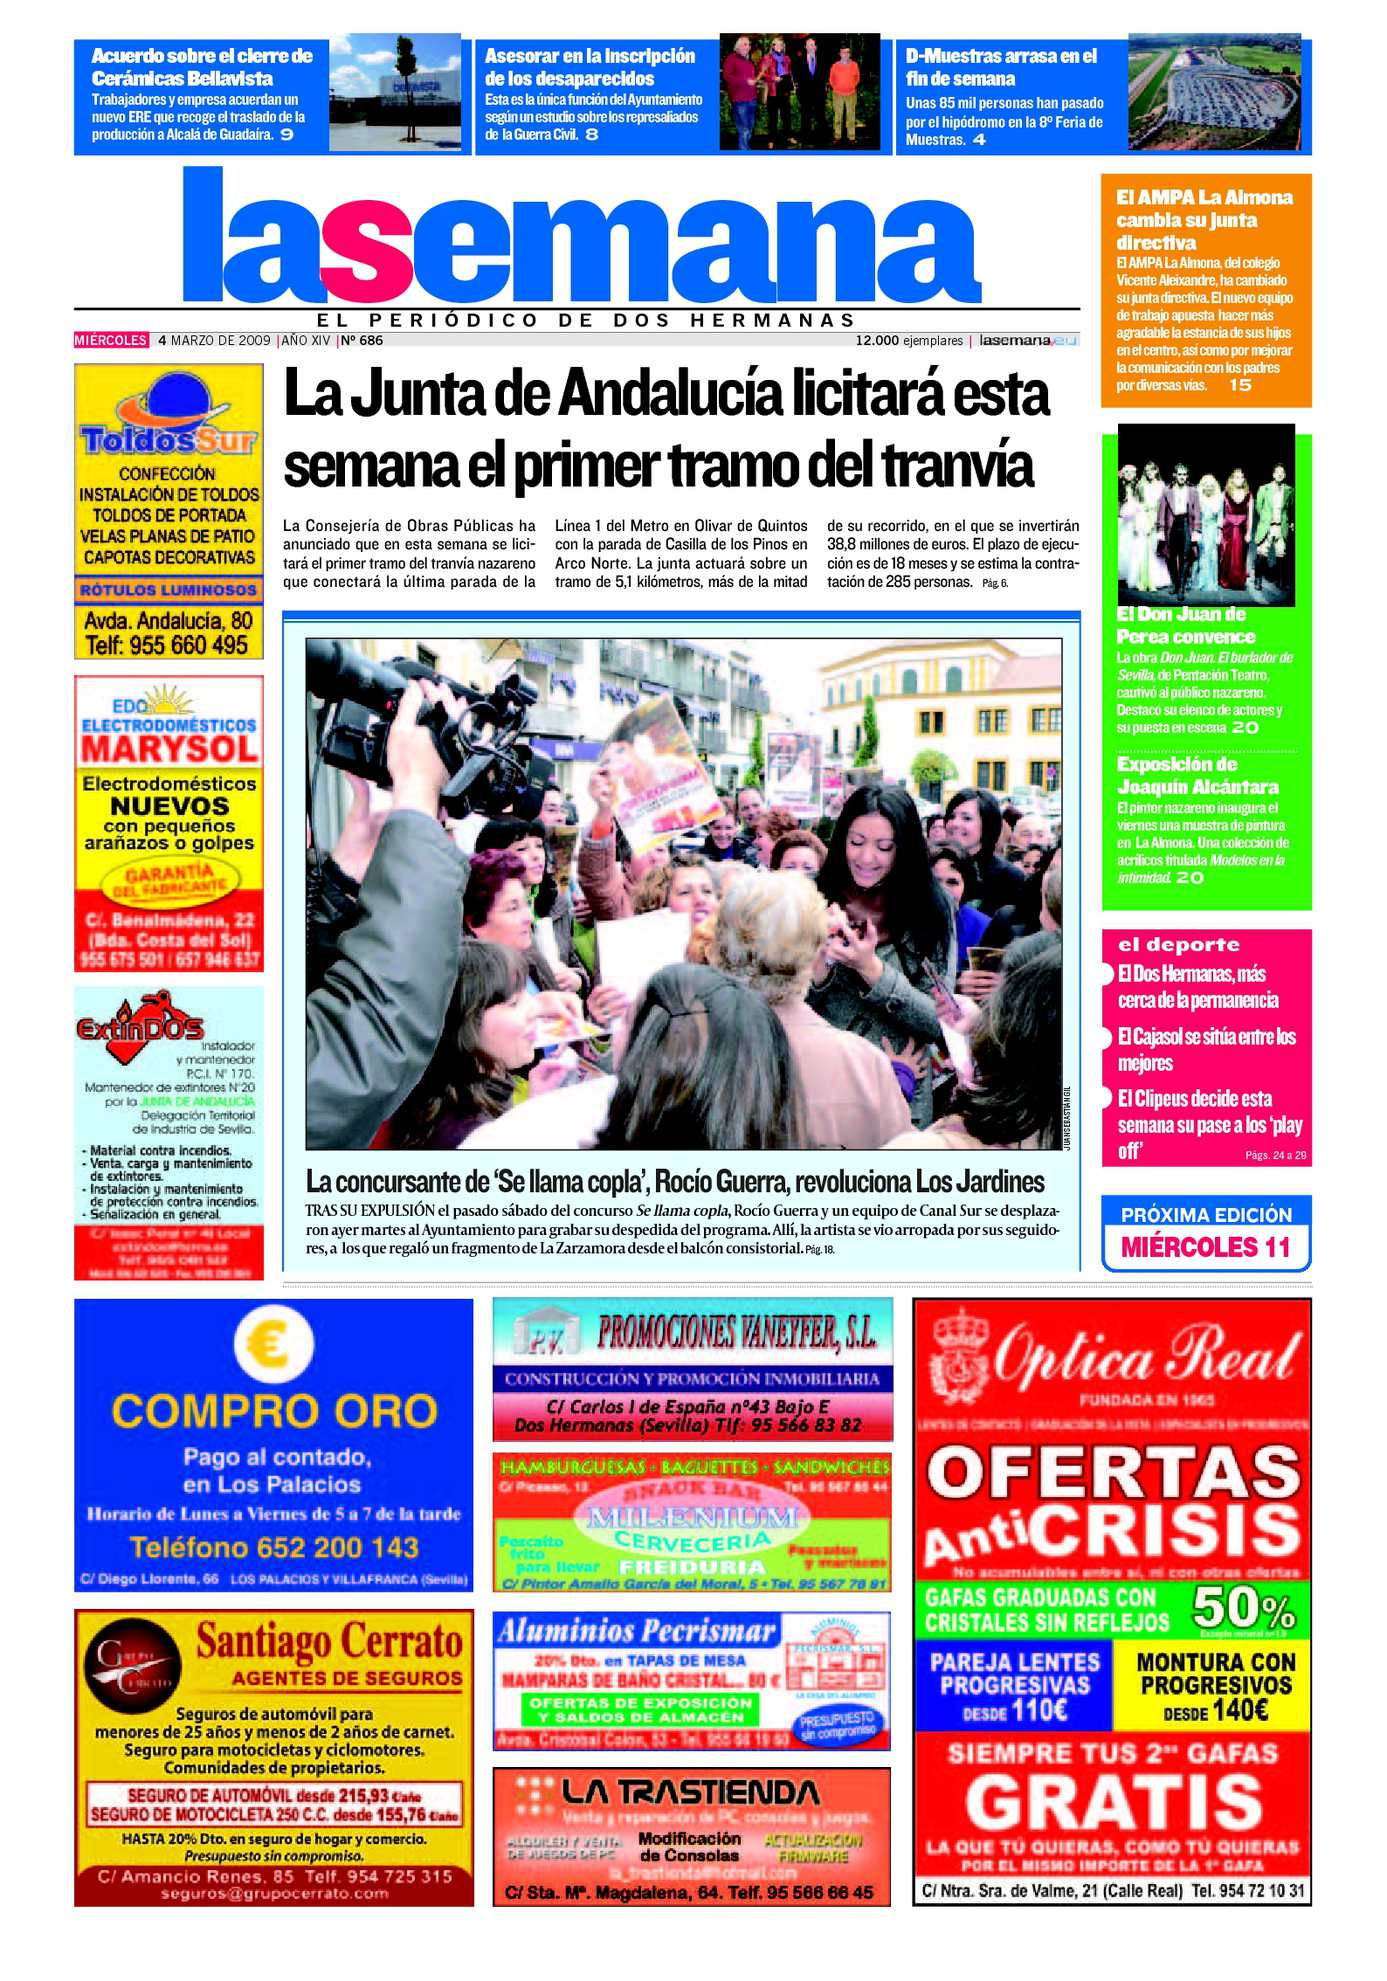 Calaméo - Periódico La Semana de Dos Hermanas nº 686. 4/3/2009